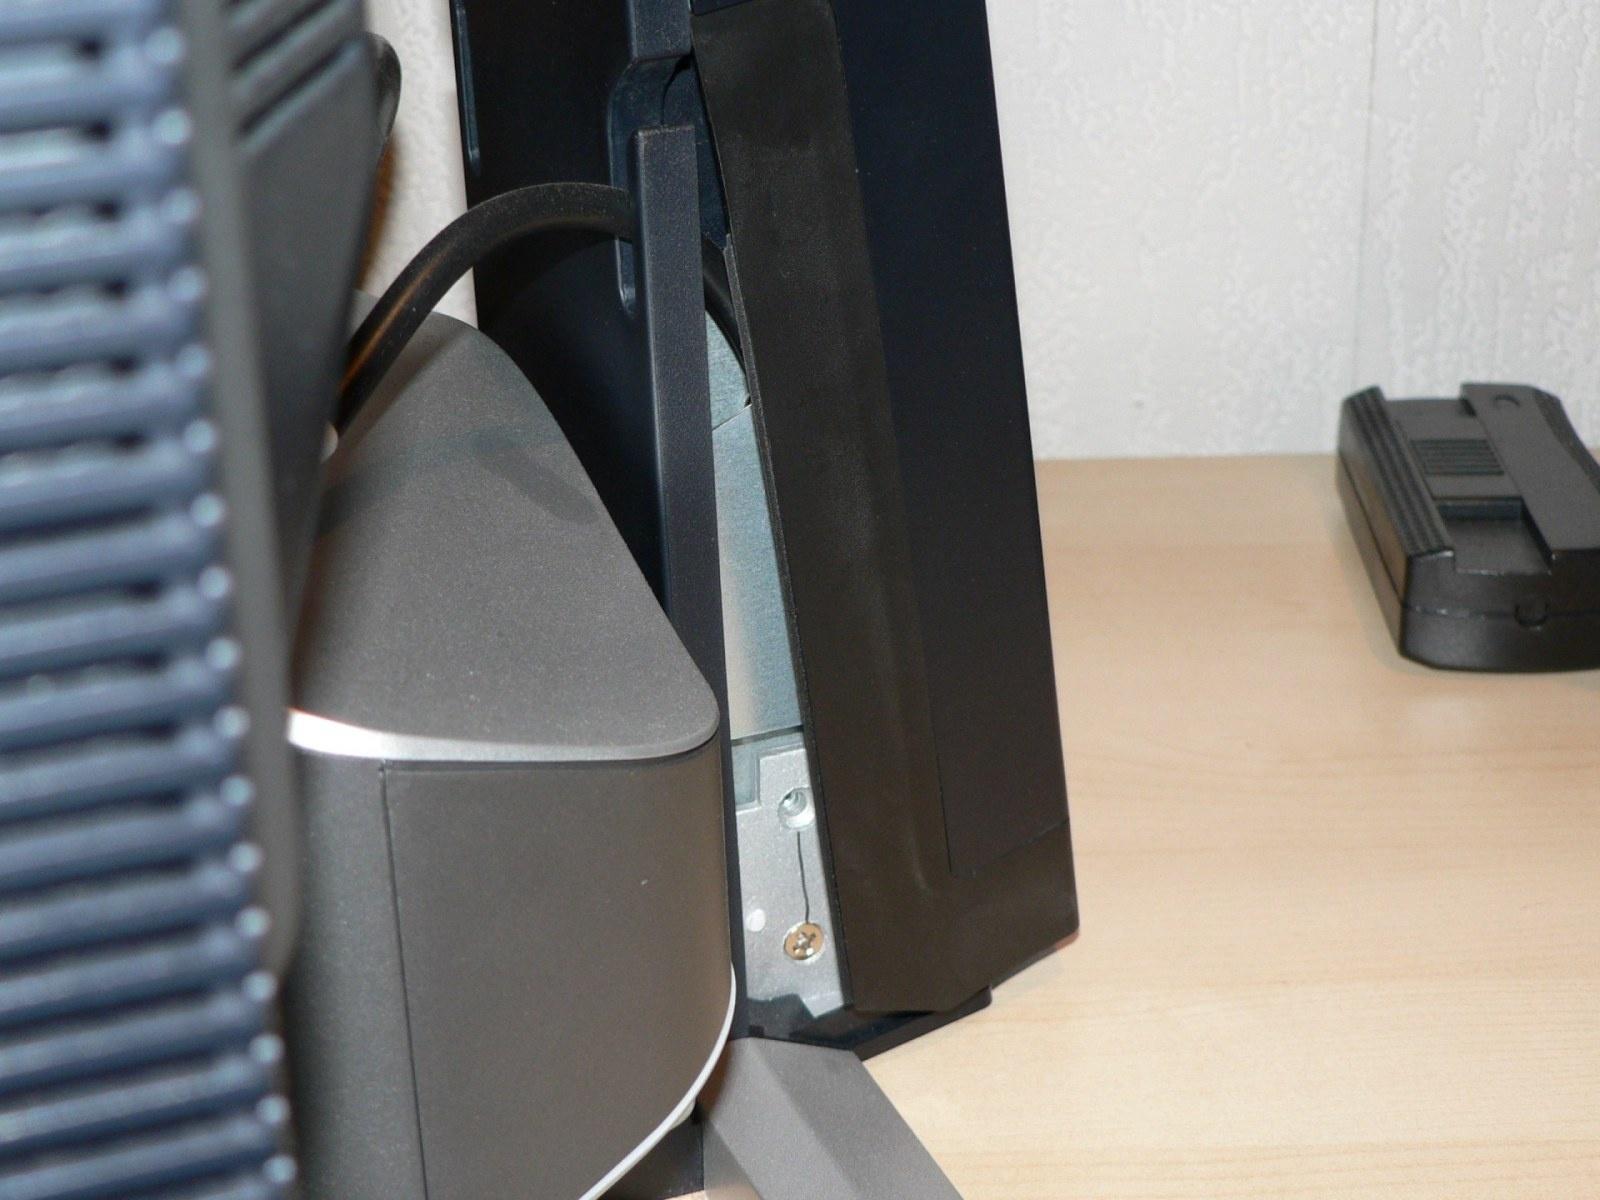 Kabelmanagement: maximale open stand plastic kap